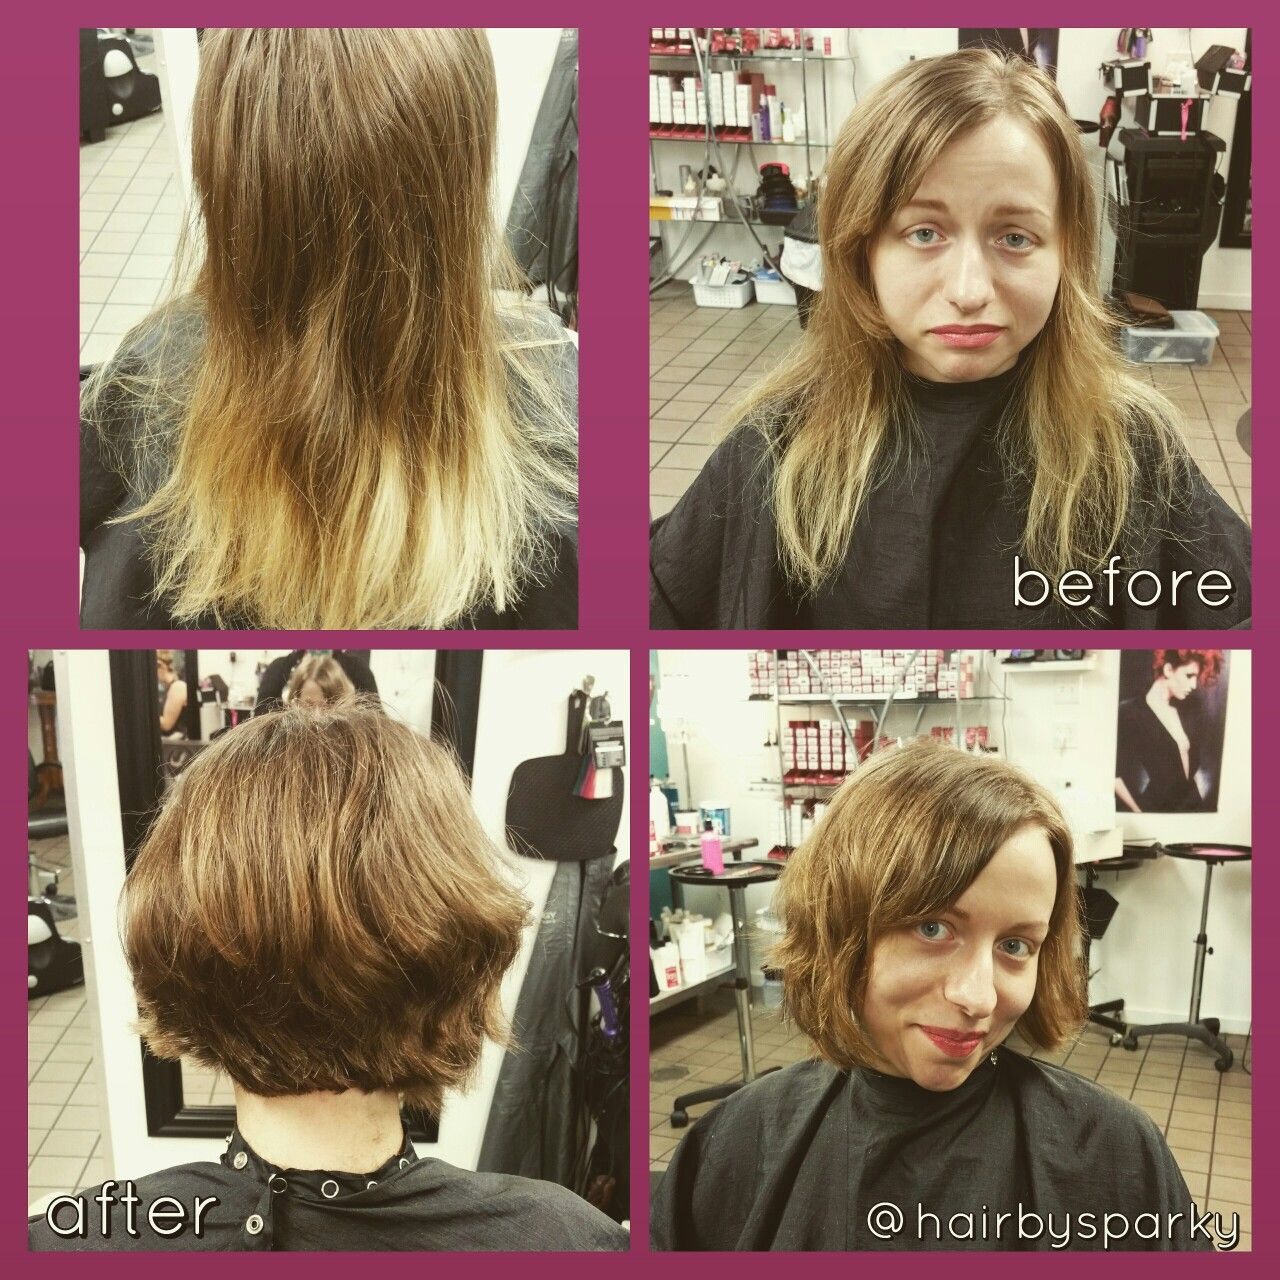 Transformation haircut